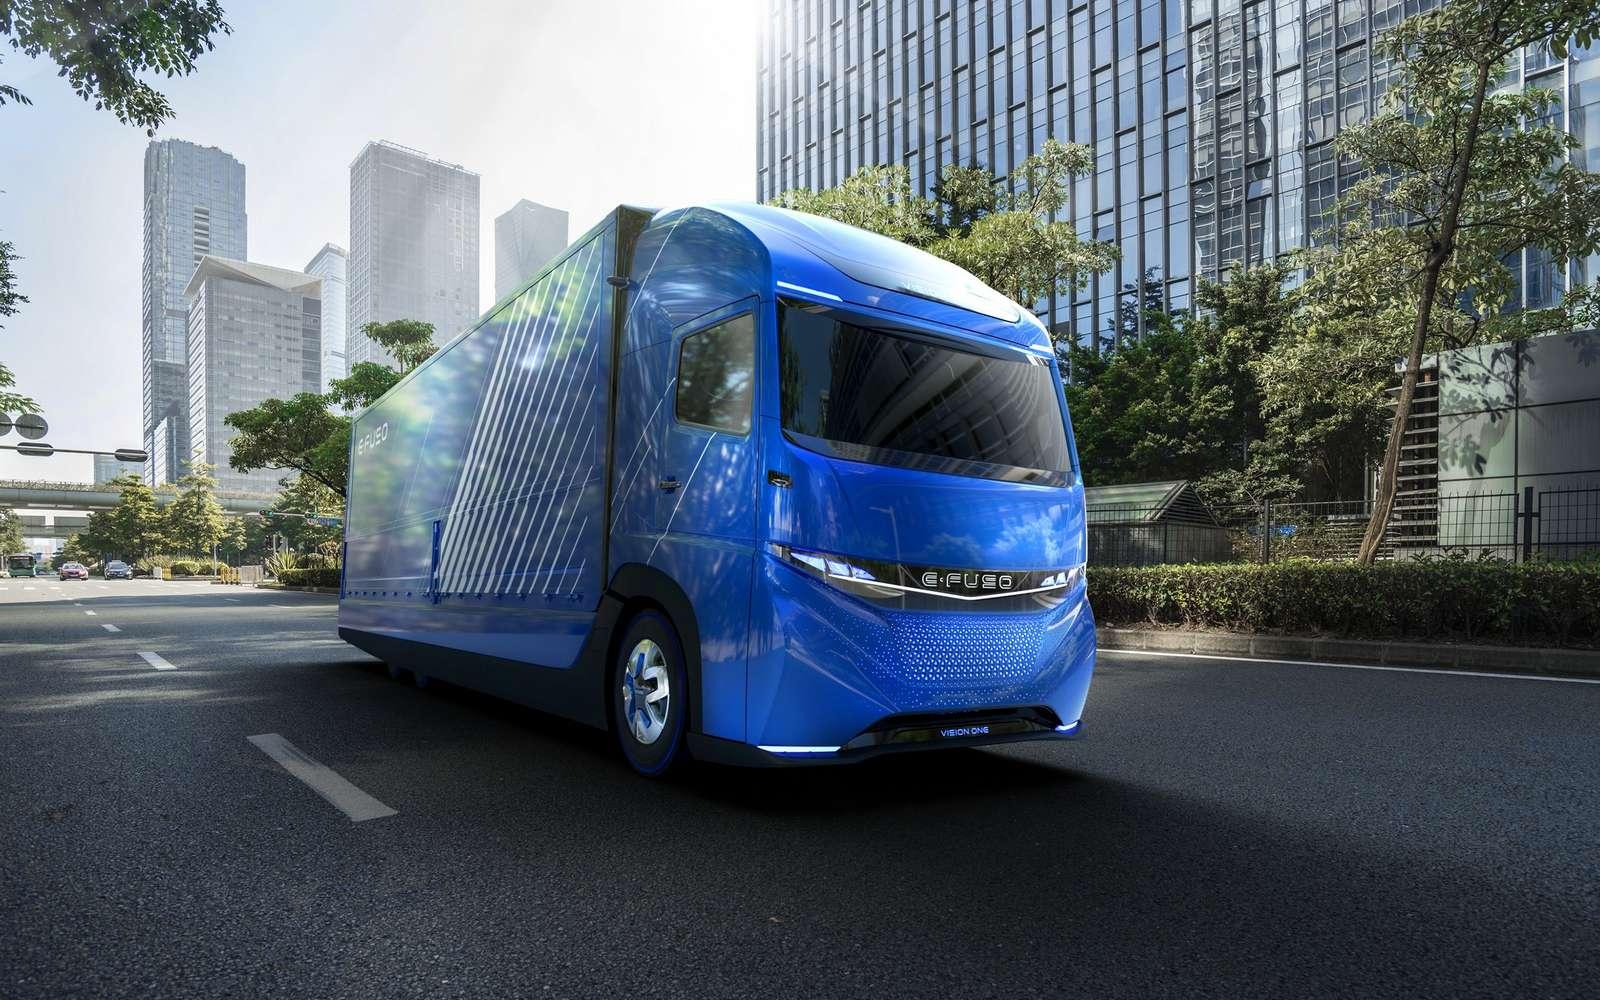 L'E-Fuso Vision One de Daimler Trucks est à ce jour le premier camion poids lourd électrique annoncé pour un usage commercial. © Daimler